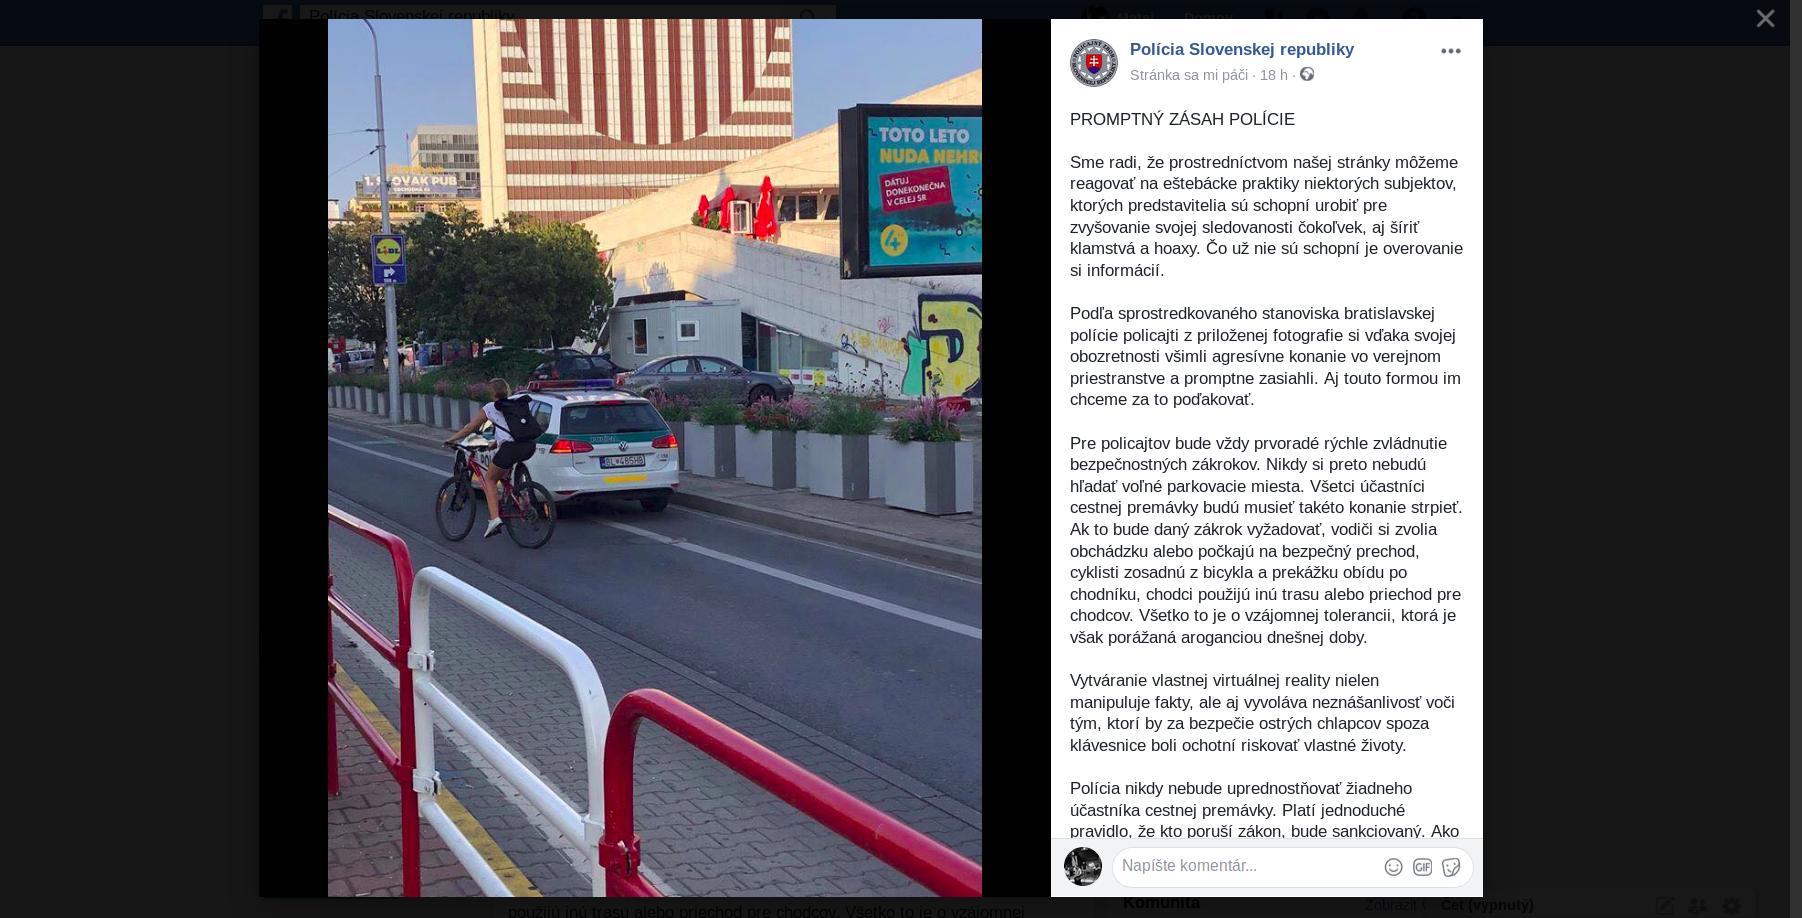 e2556f3cb Cyklisti sa sporia s policajtmi, fotia ich v cyklopruhoch, polícia na  Facebooku hovorí o eštebáckych praktikách – Denník N